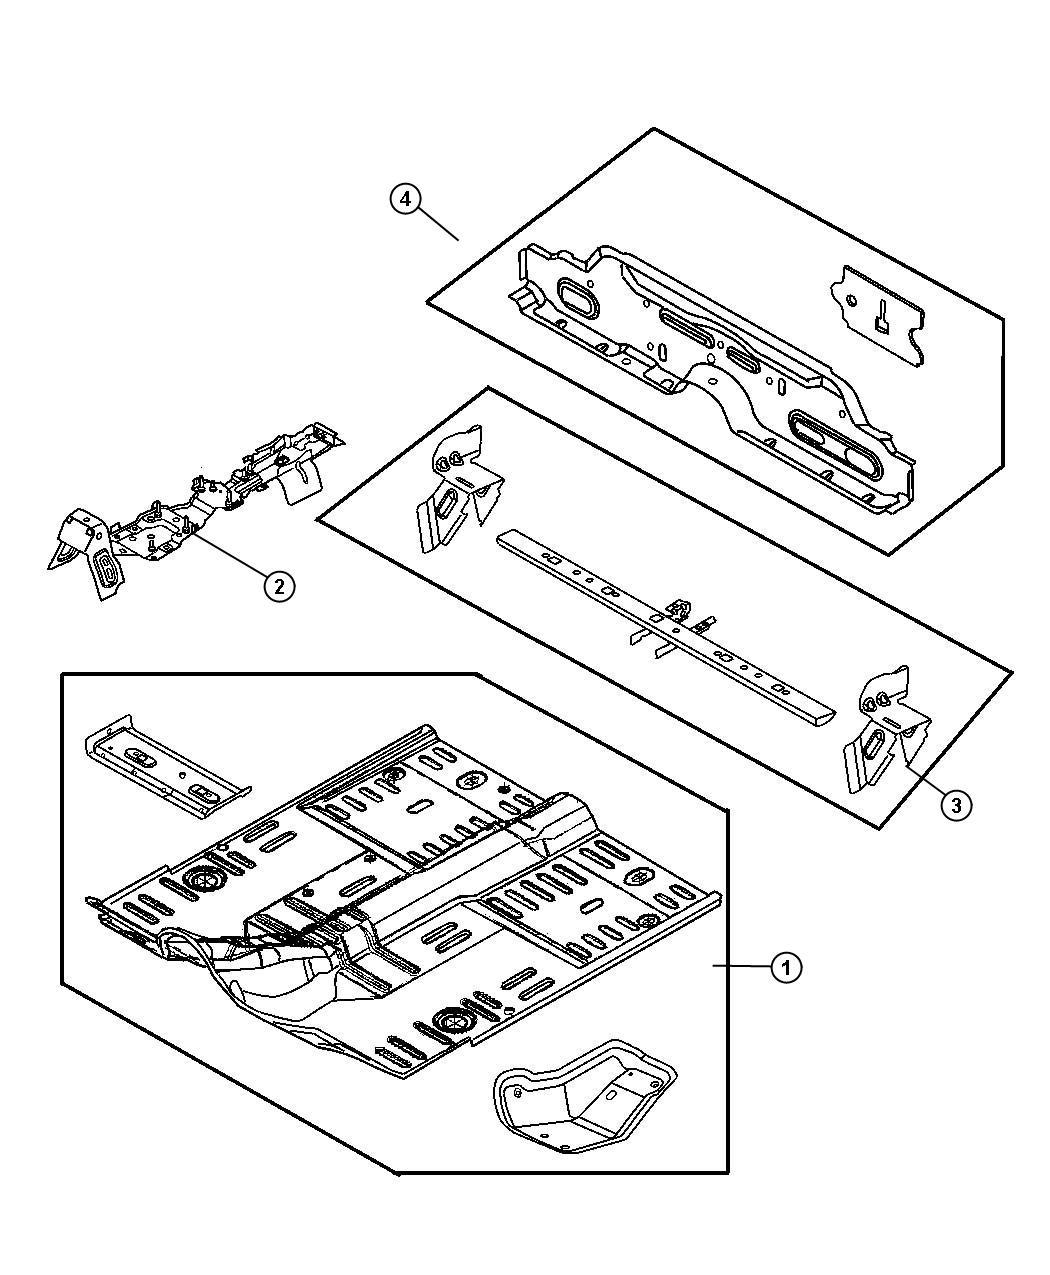 1997 Jeep Wrangler Plug. Floor pan, front, frt flr pan man